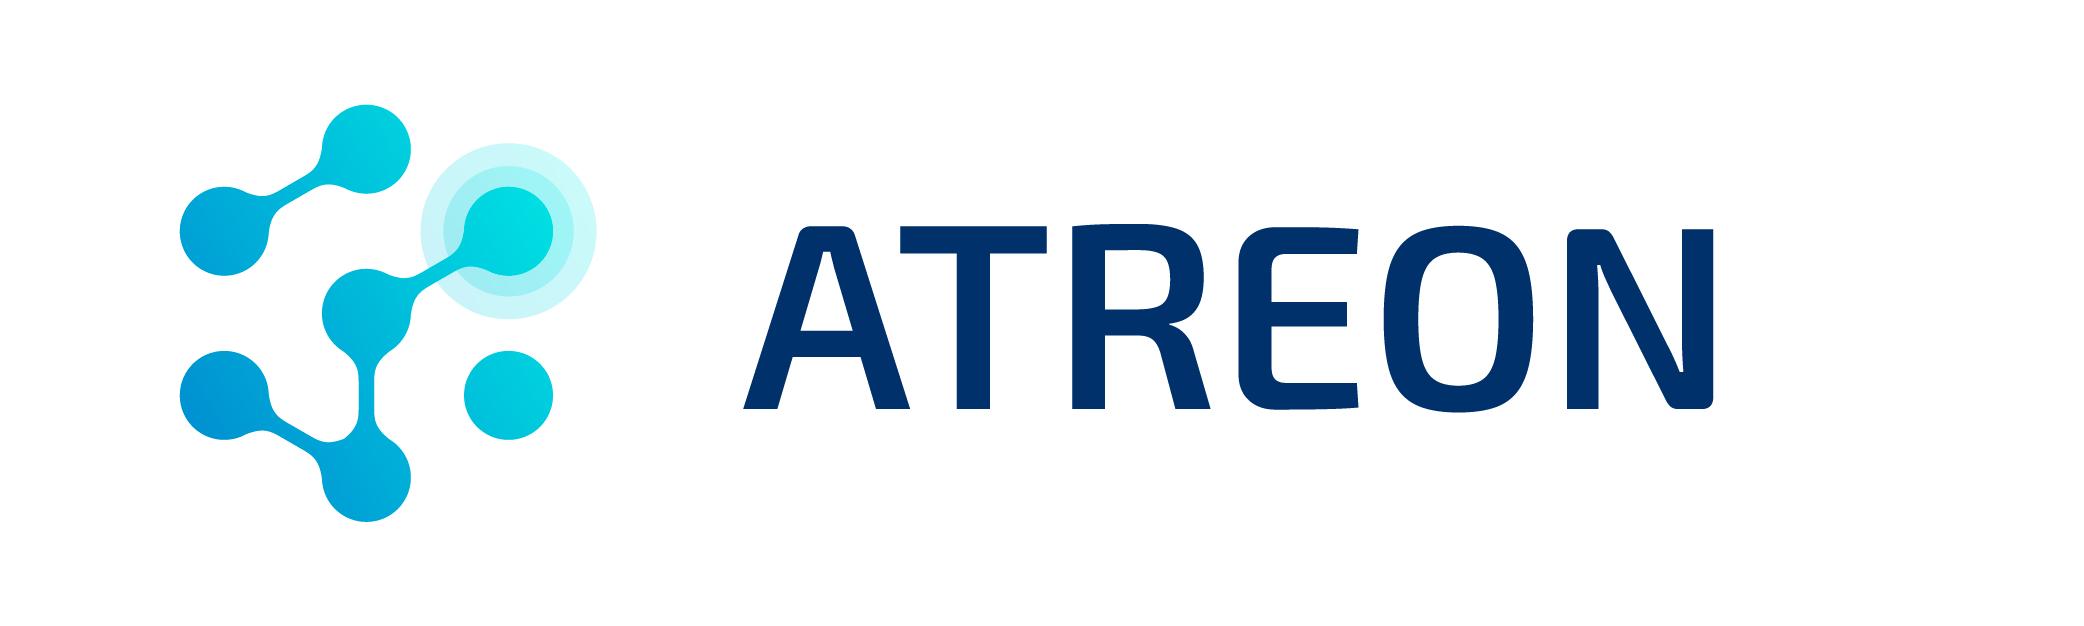 ATREON-logo-ok